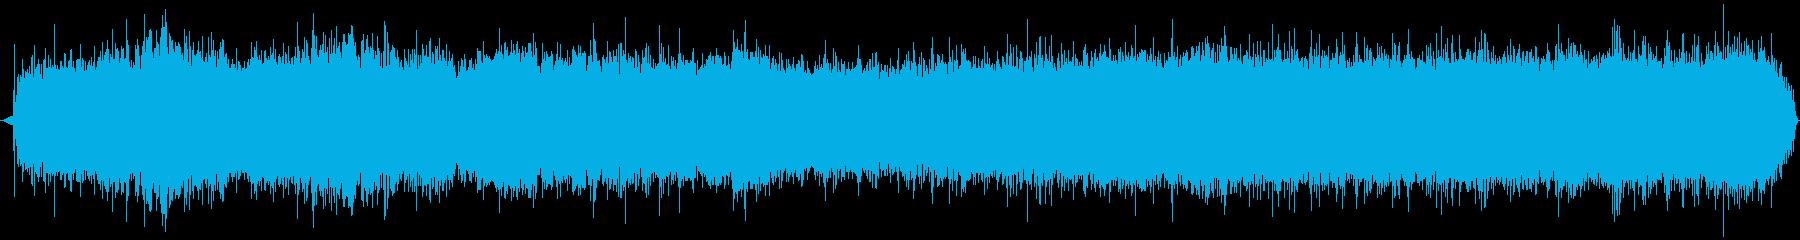 プロパントーチ:起動、動きのあるハ...の再生済みの波形